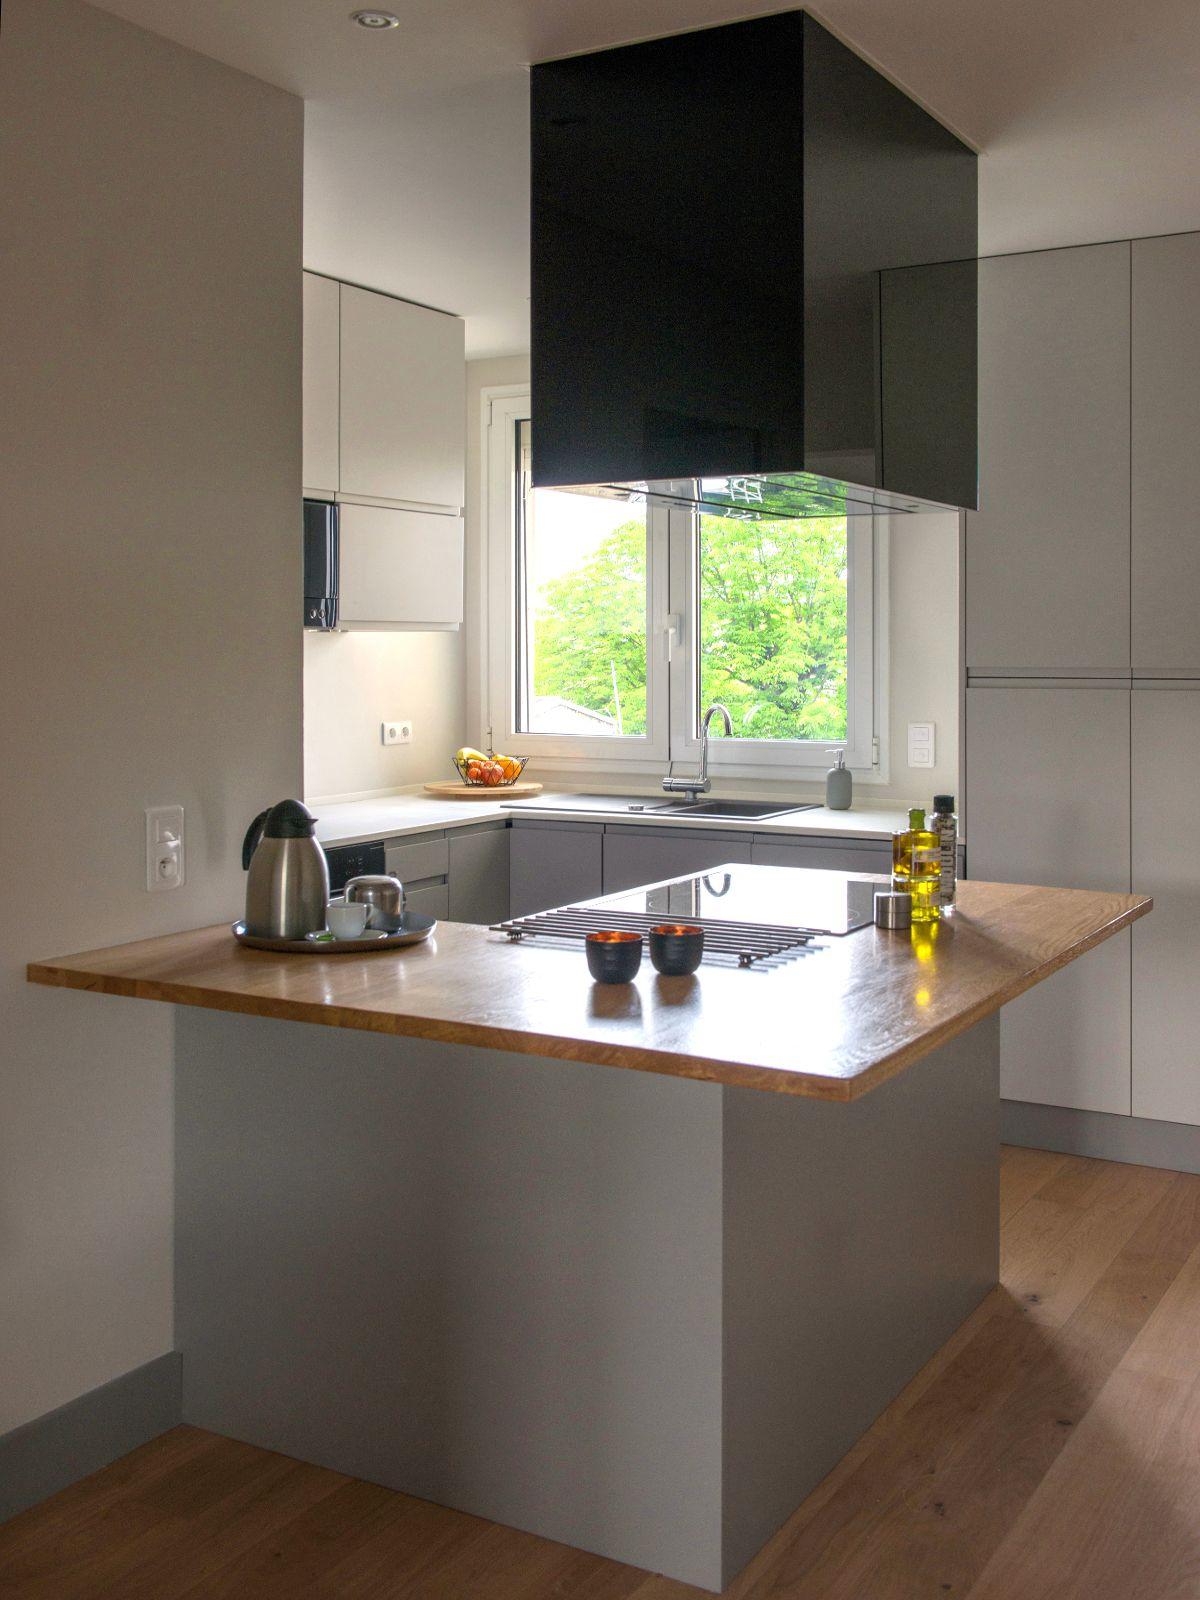 ambiance et style cuisine ustensiles de cuisine et listes. Black Bedroom Furniture Sets. Home Design Ideas